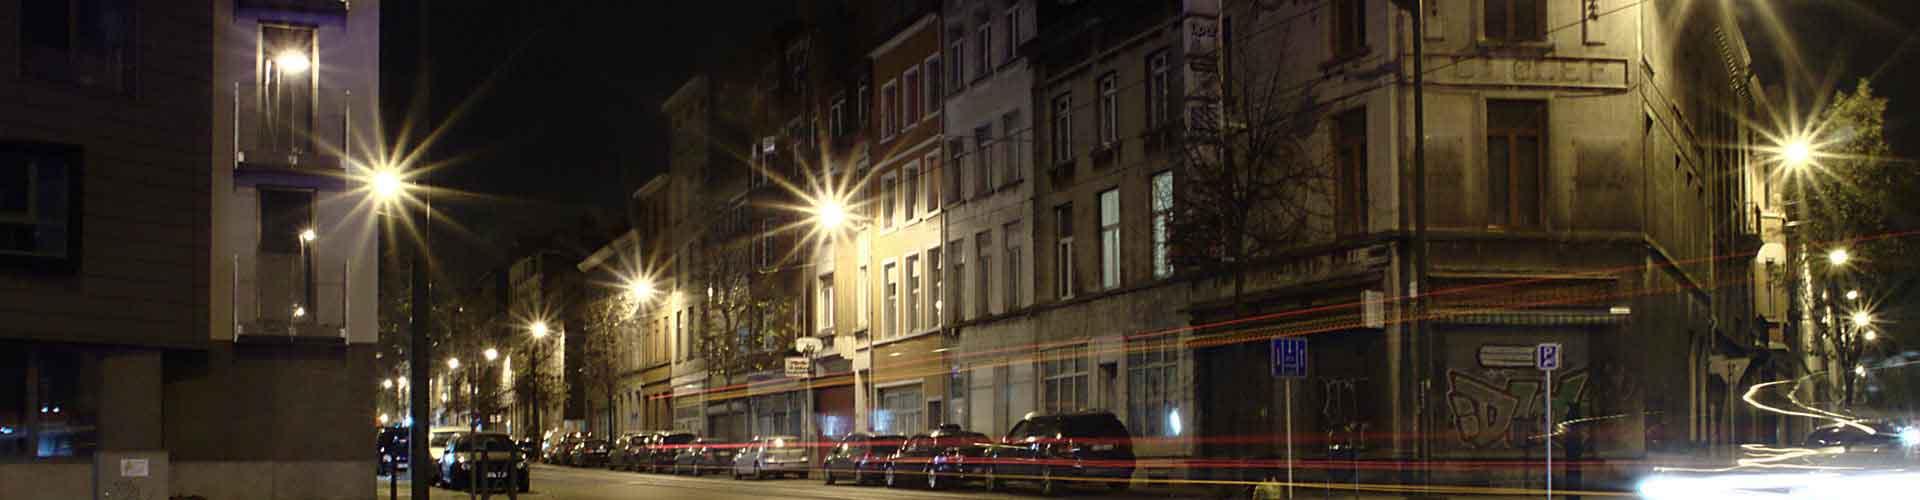 Brüssel - Apartments in Molenbeek-Saint-Jean. Brüssel auf der Karte. Fotos und Bewertungen für jedes Apartment in Brüssel.